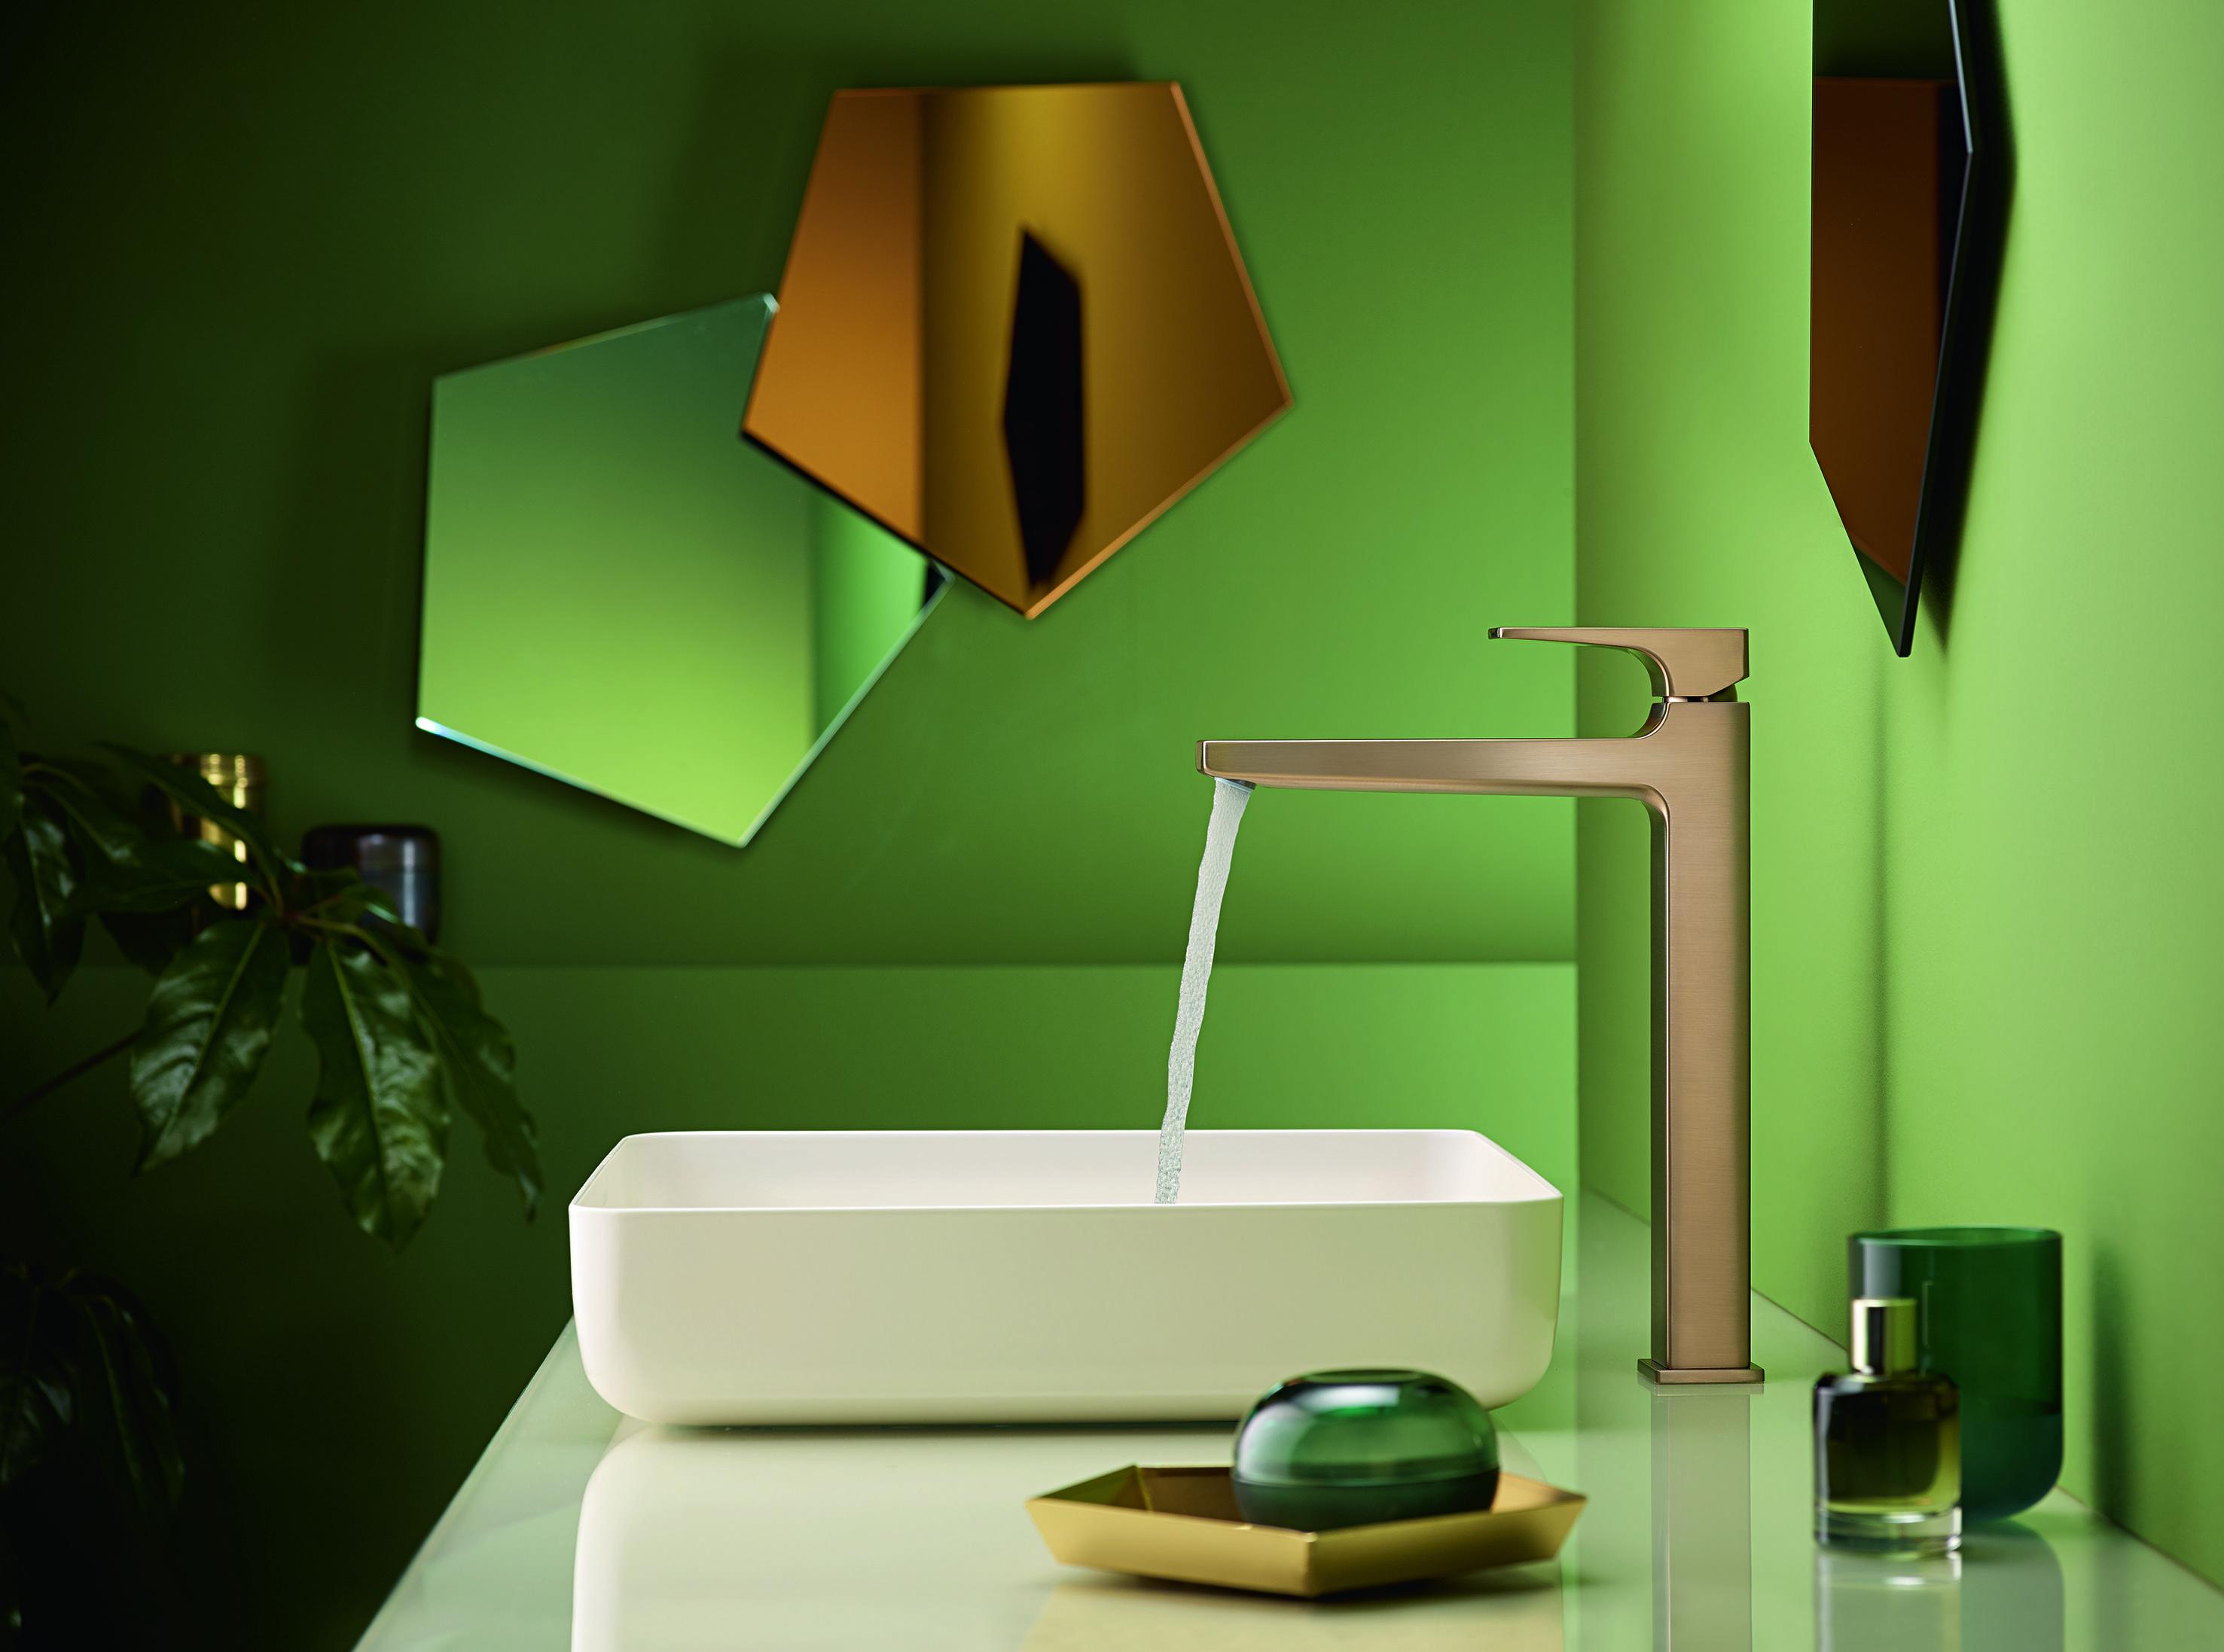 ISH 2019 Neue Armaturen für Waschtisch, Dusche und Wanne